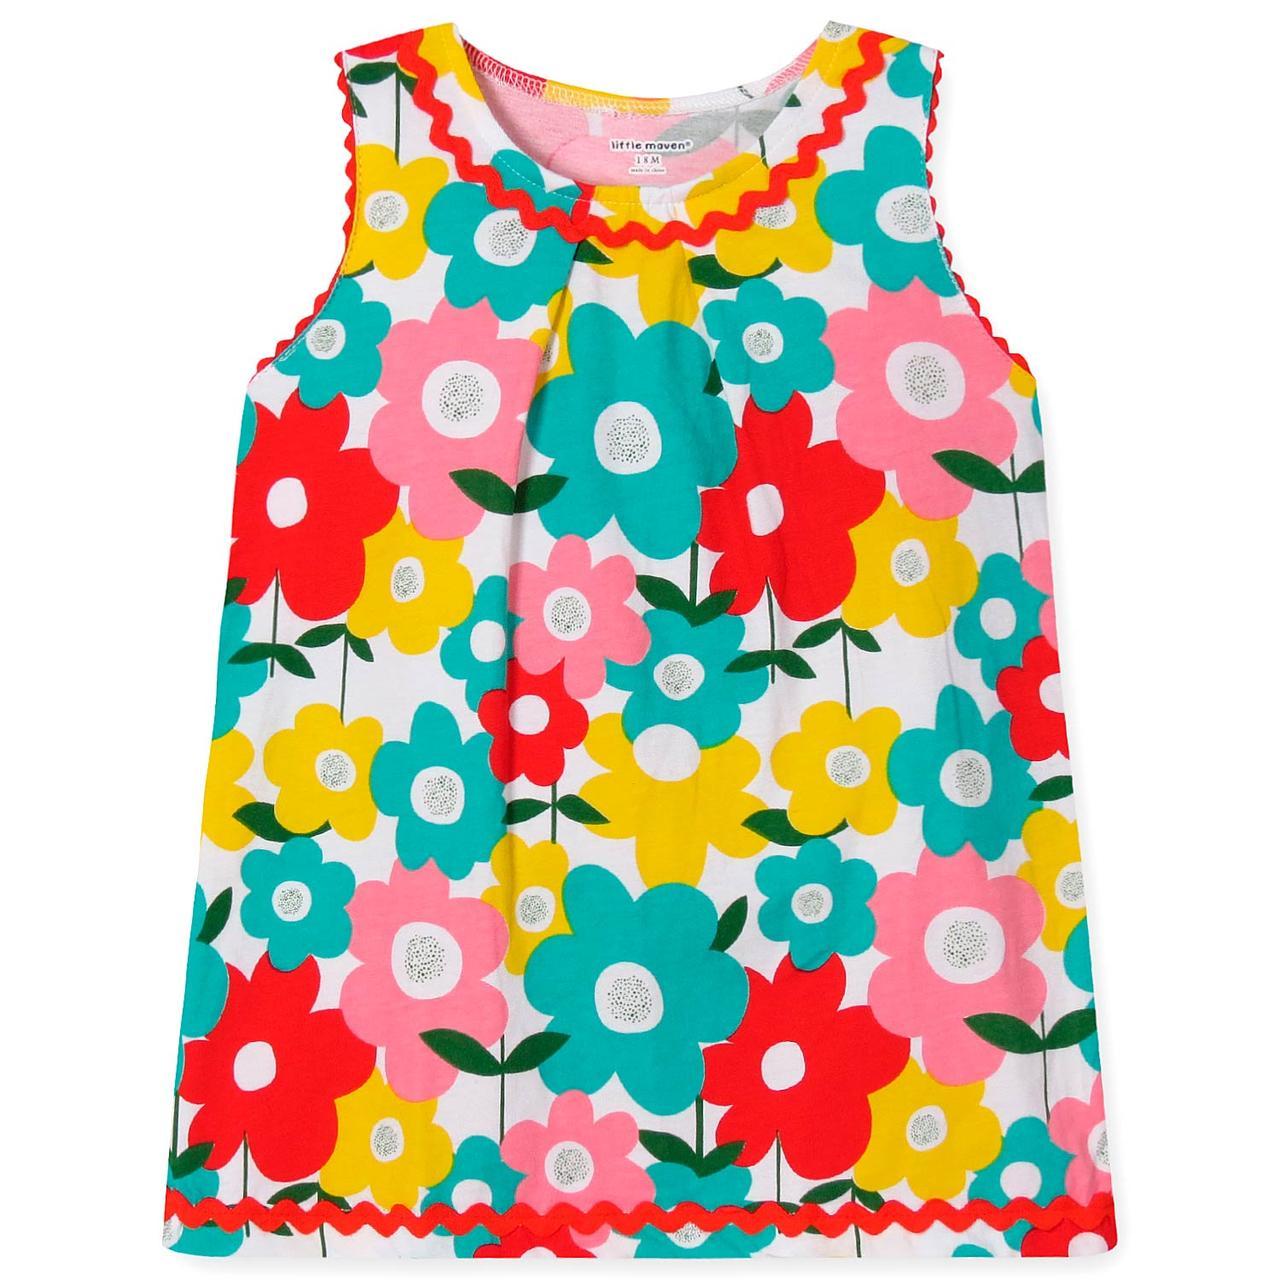 Платье для девочки Little Maven, фото 1